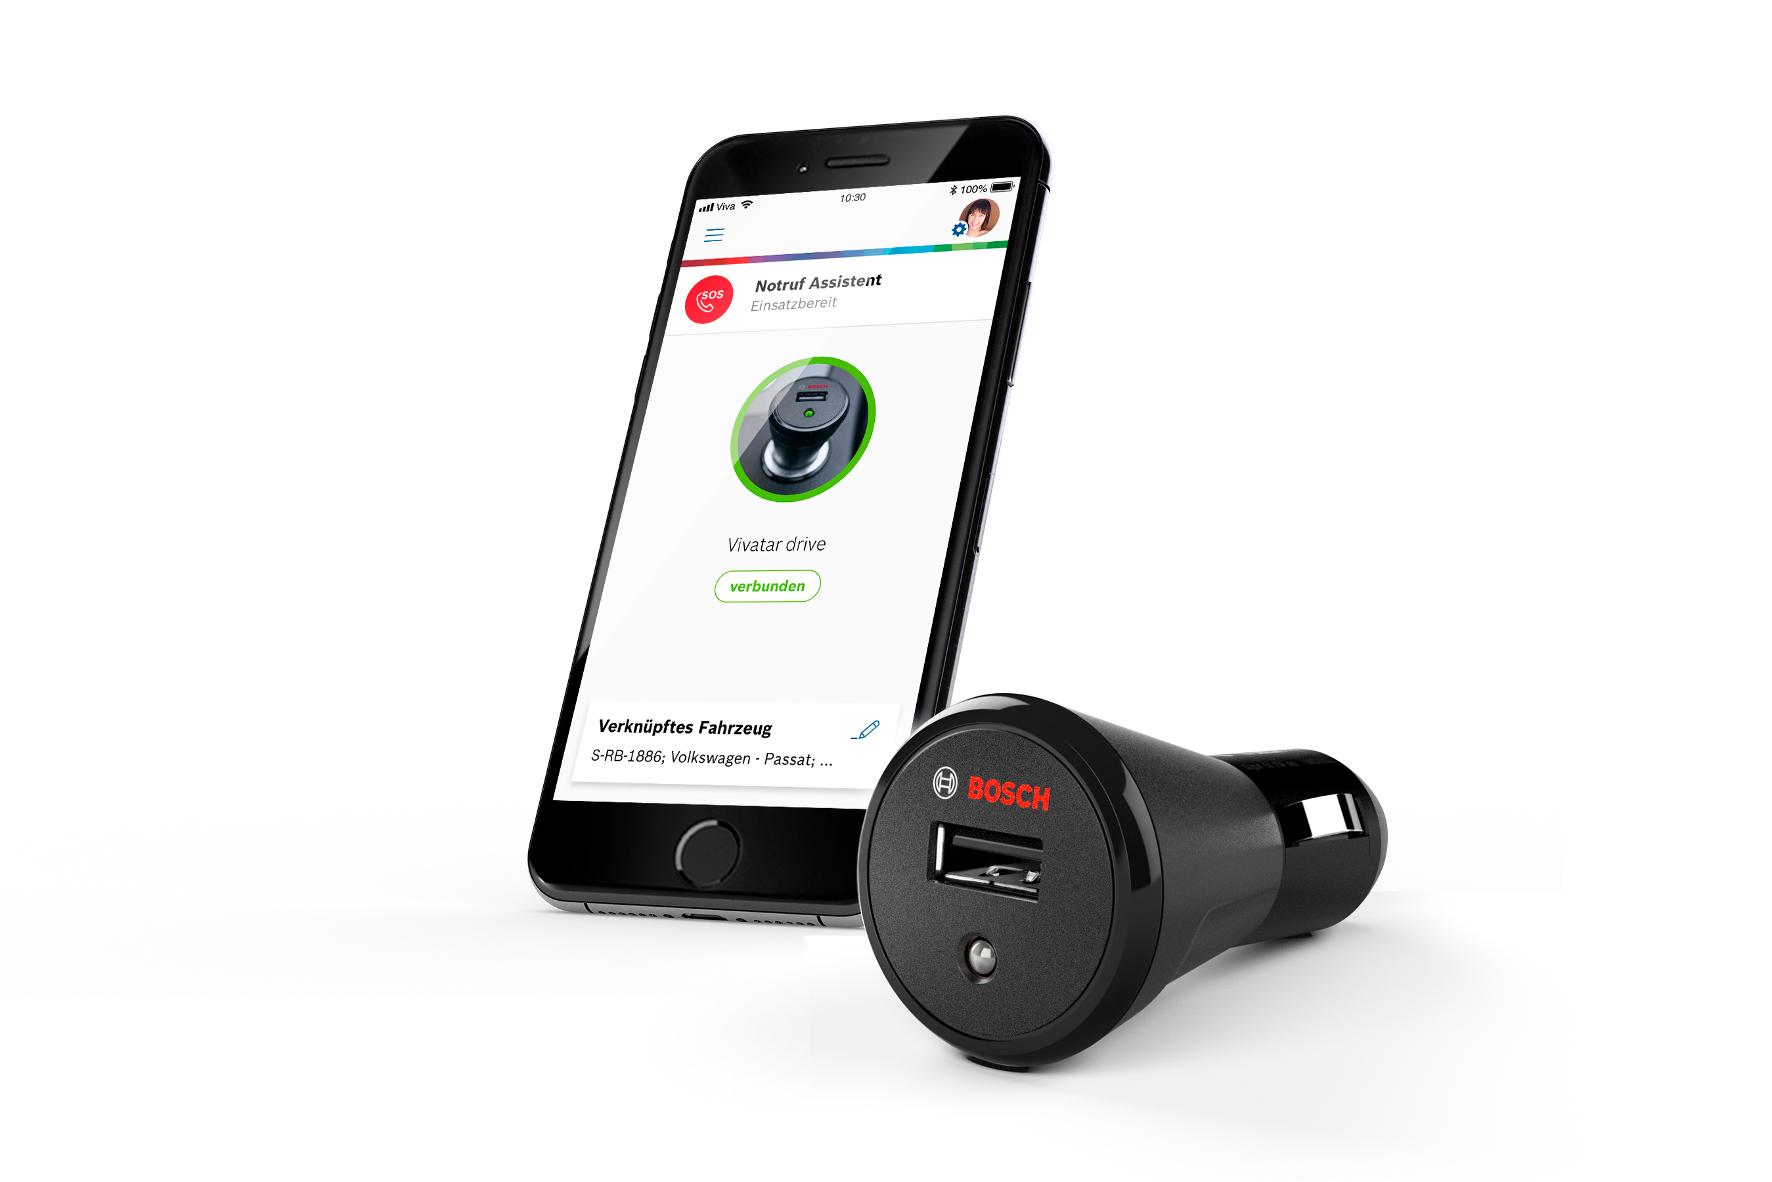 mid Groß-Gerau - Mit Spezial-Stecker und Smartphone-App können Autos, in denen es noch keine Notruf-Funktion gibt, nachgerüstet werden. Bosch